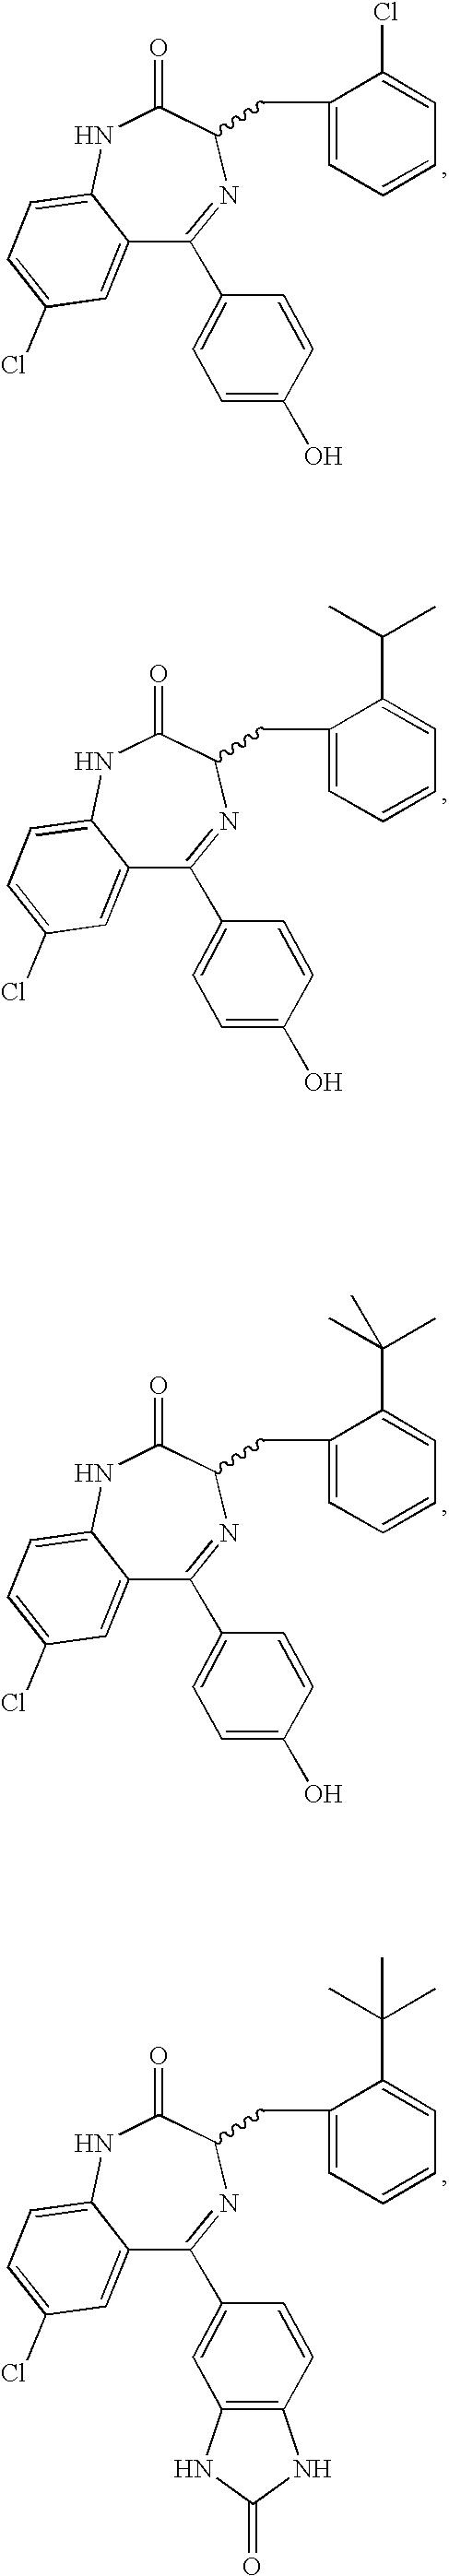 Figure US07851465-20101214-C00028